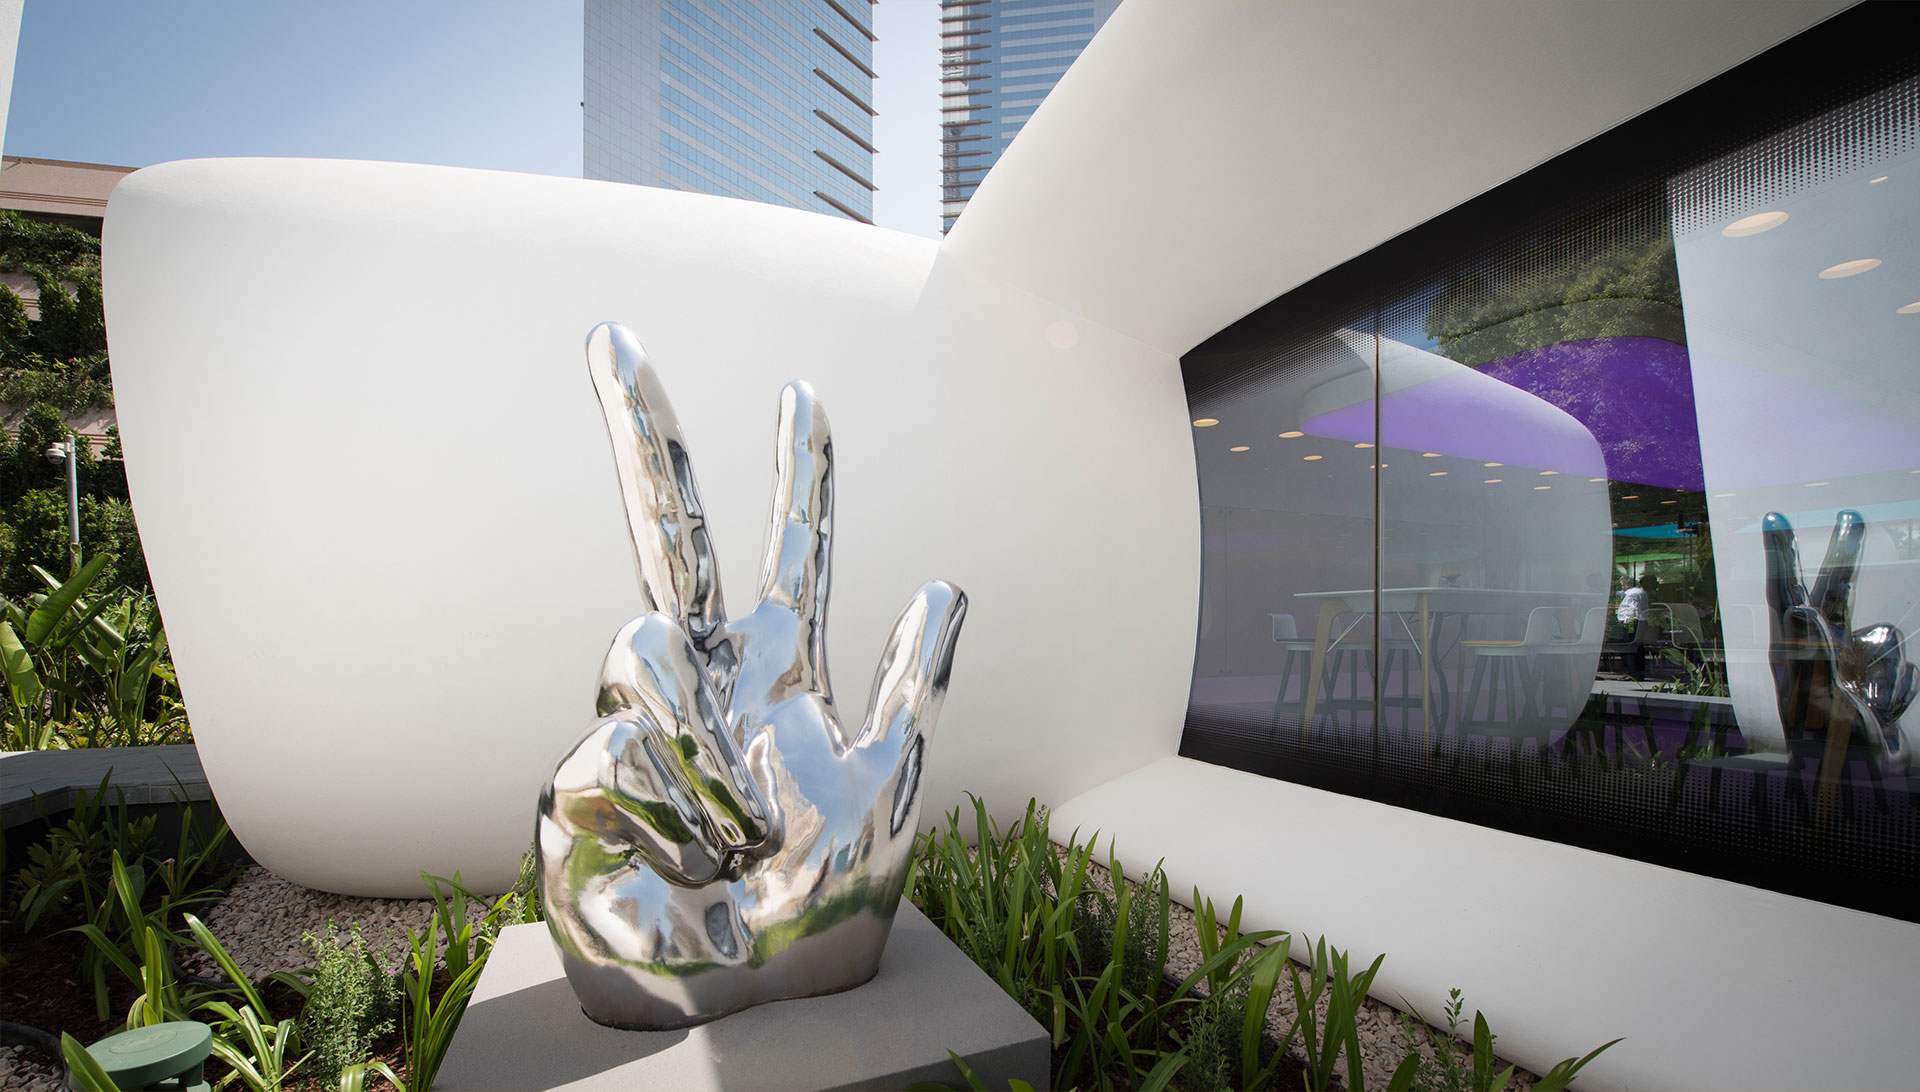 نمایی بیرونی از اولین ساختمان اداریپرینت سه بعدی شده